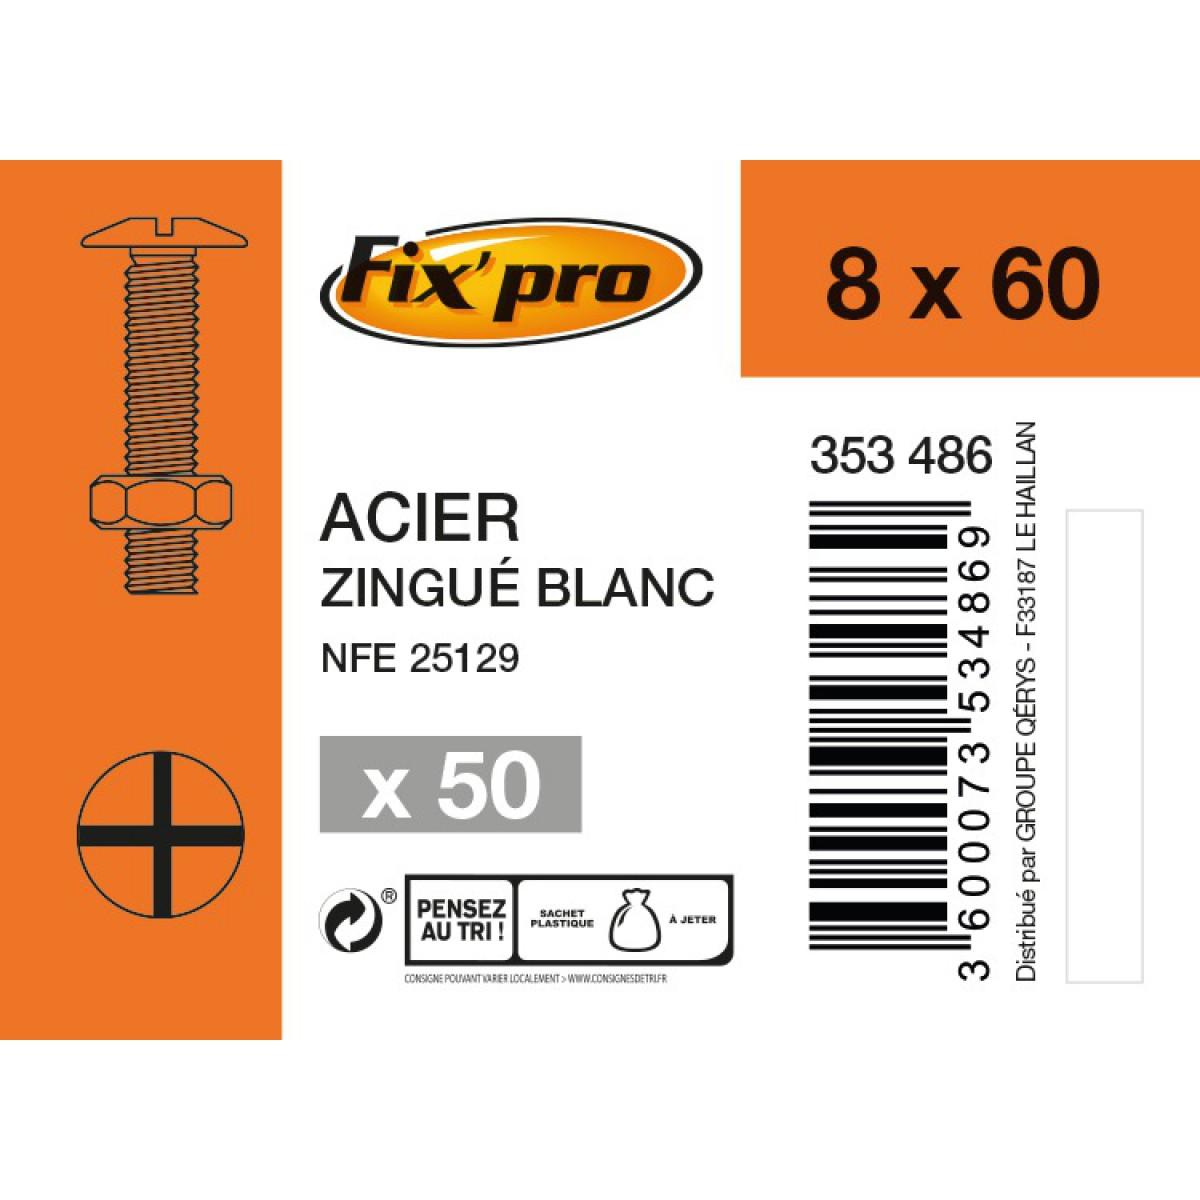 Boulon poêlier acier zingué - 8x60 - 50pces - Fixpro